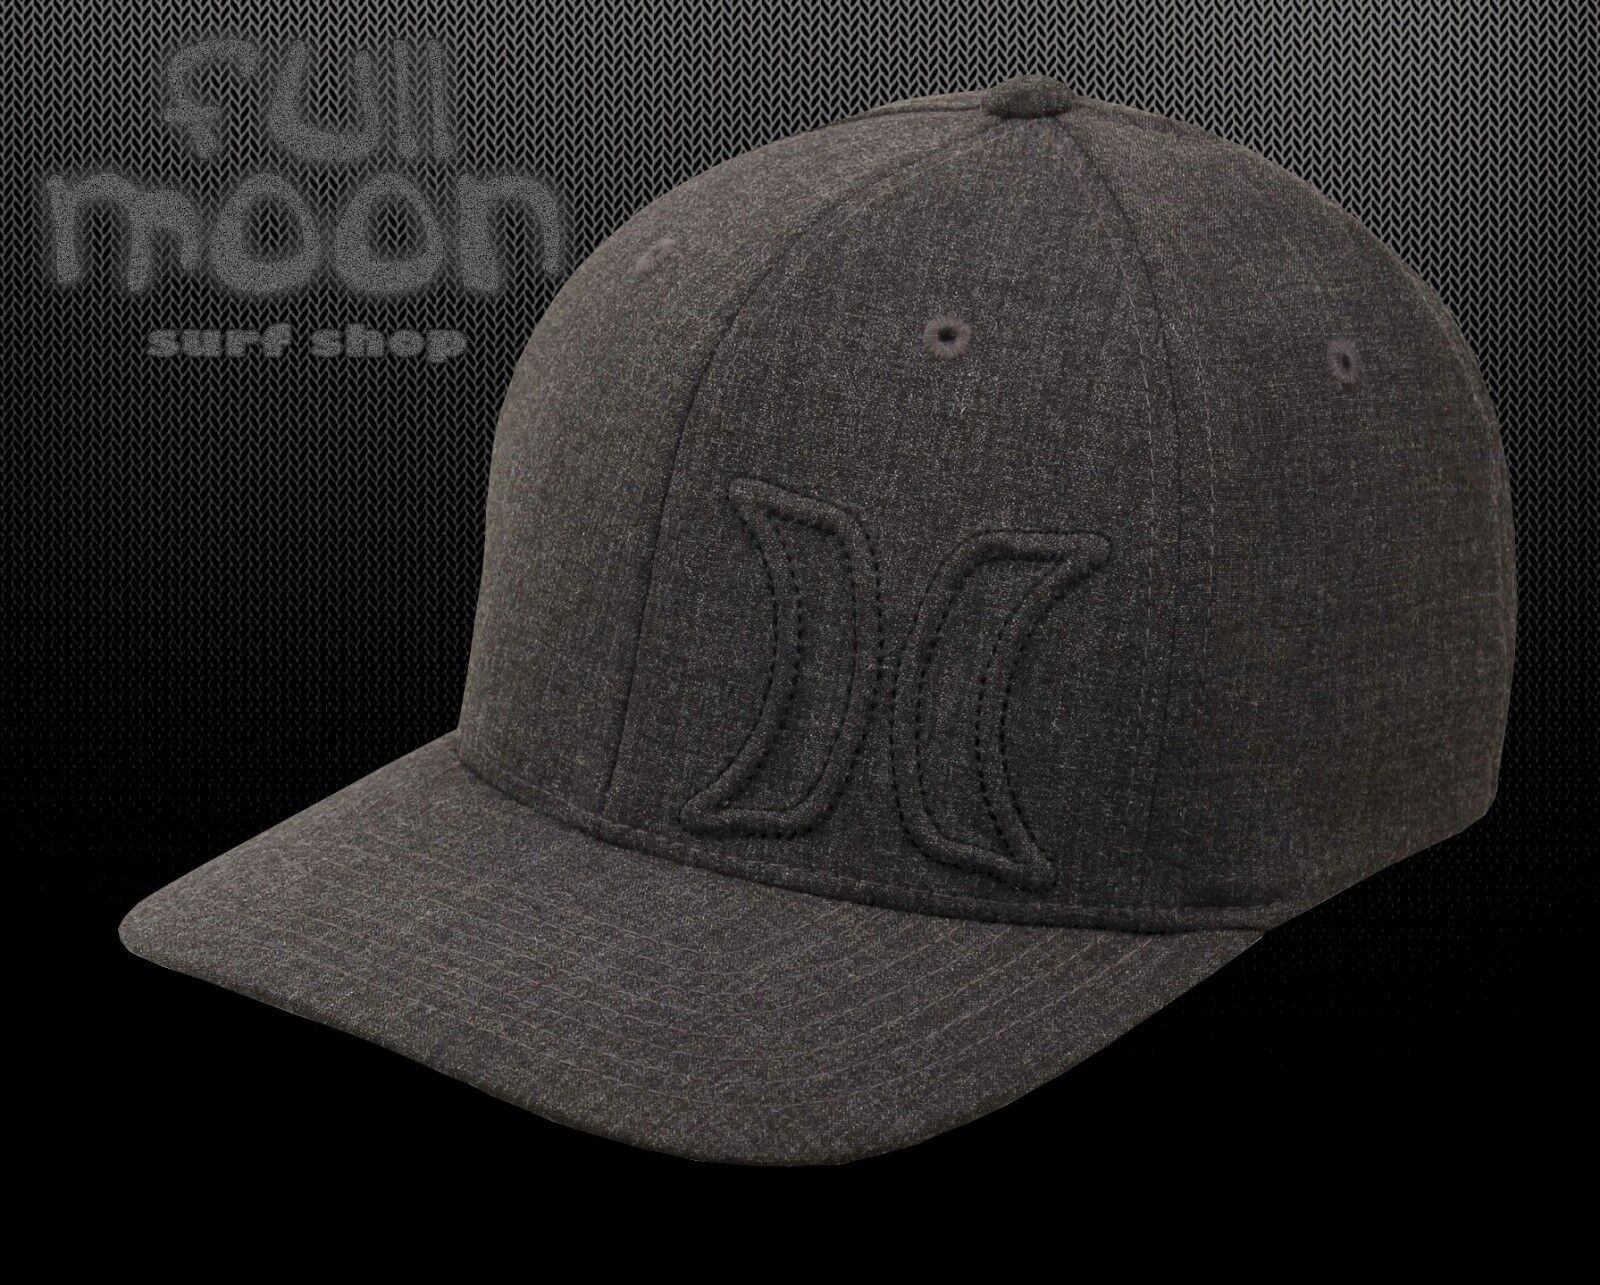 ... good new hurley del mar hermosa fit mens heather black charcoal flex fit  hermosa cap hat 39f4e0380ad